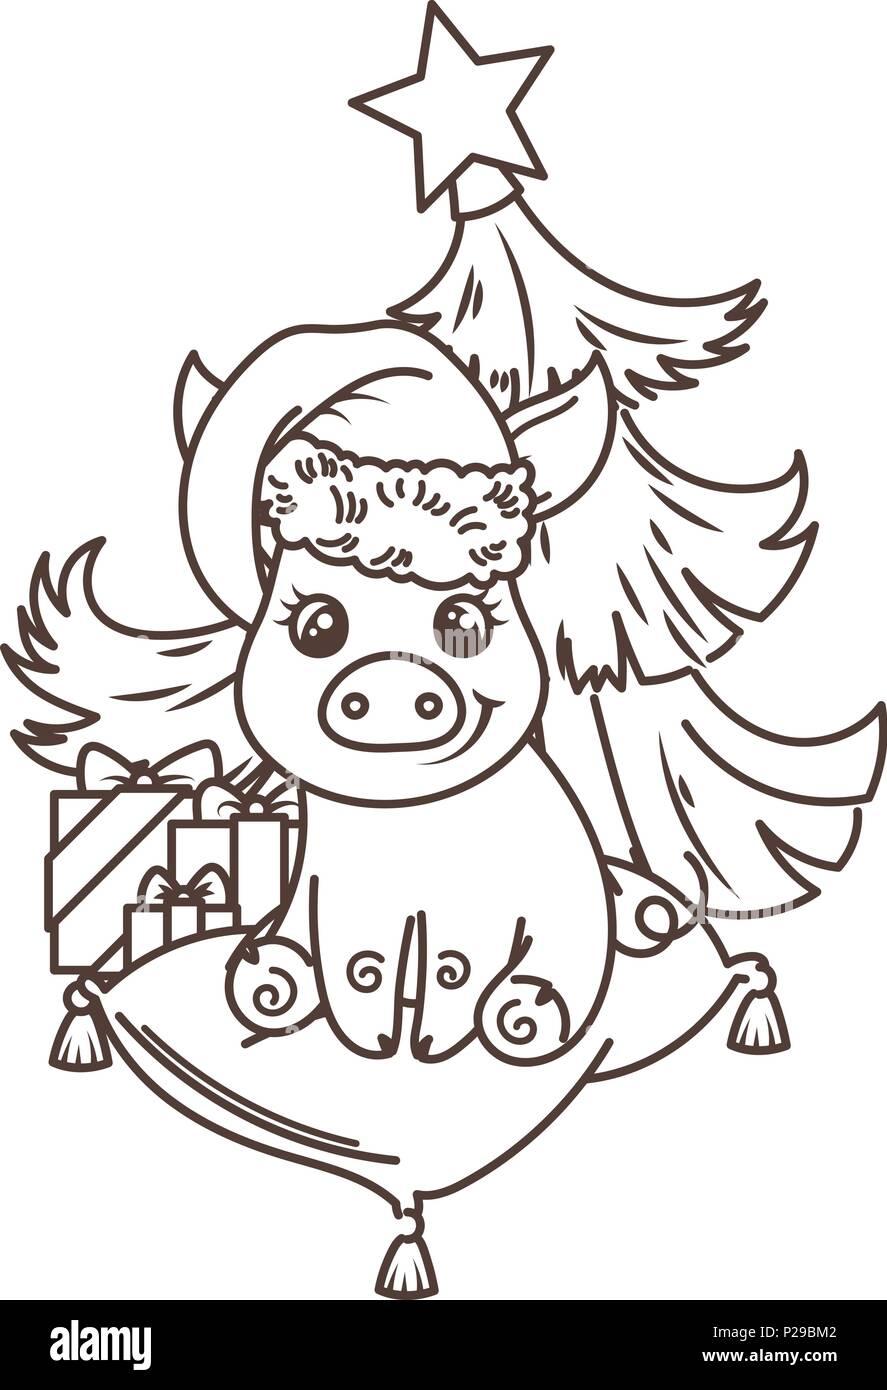 Tolle Grund Schwein Färbung Seite Fotos - Malvorlagen-Ideen ...